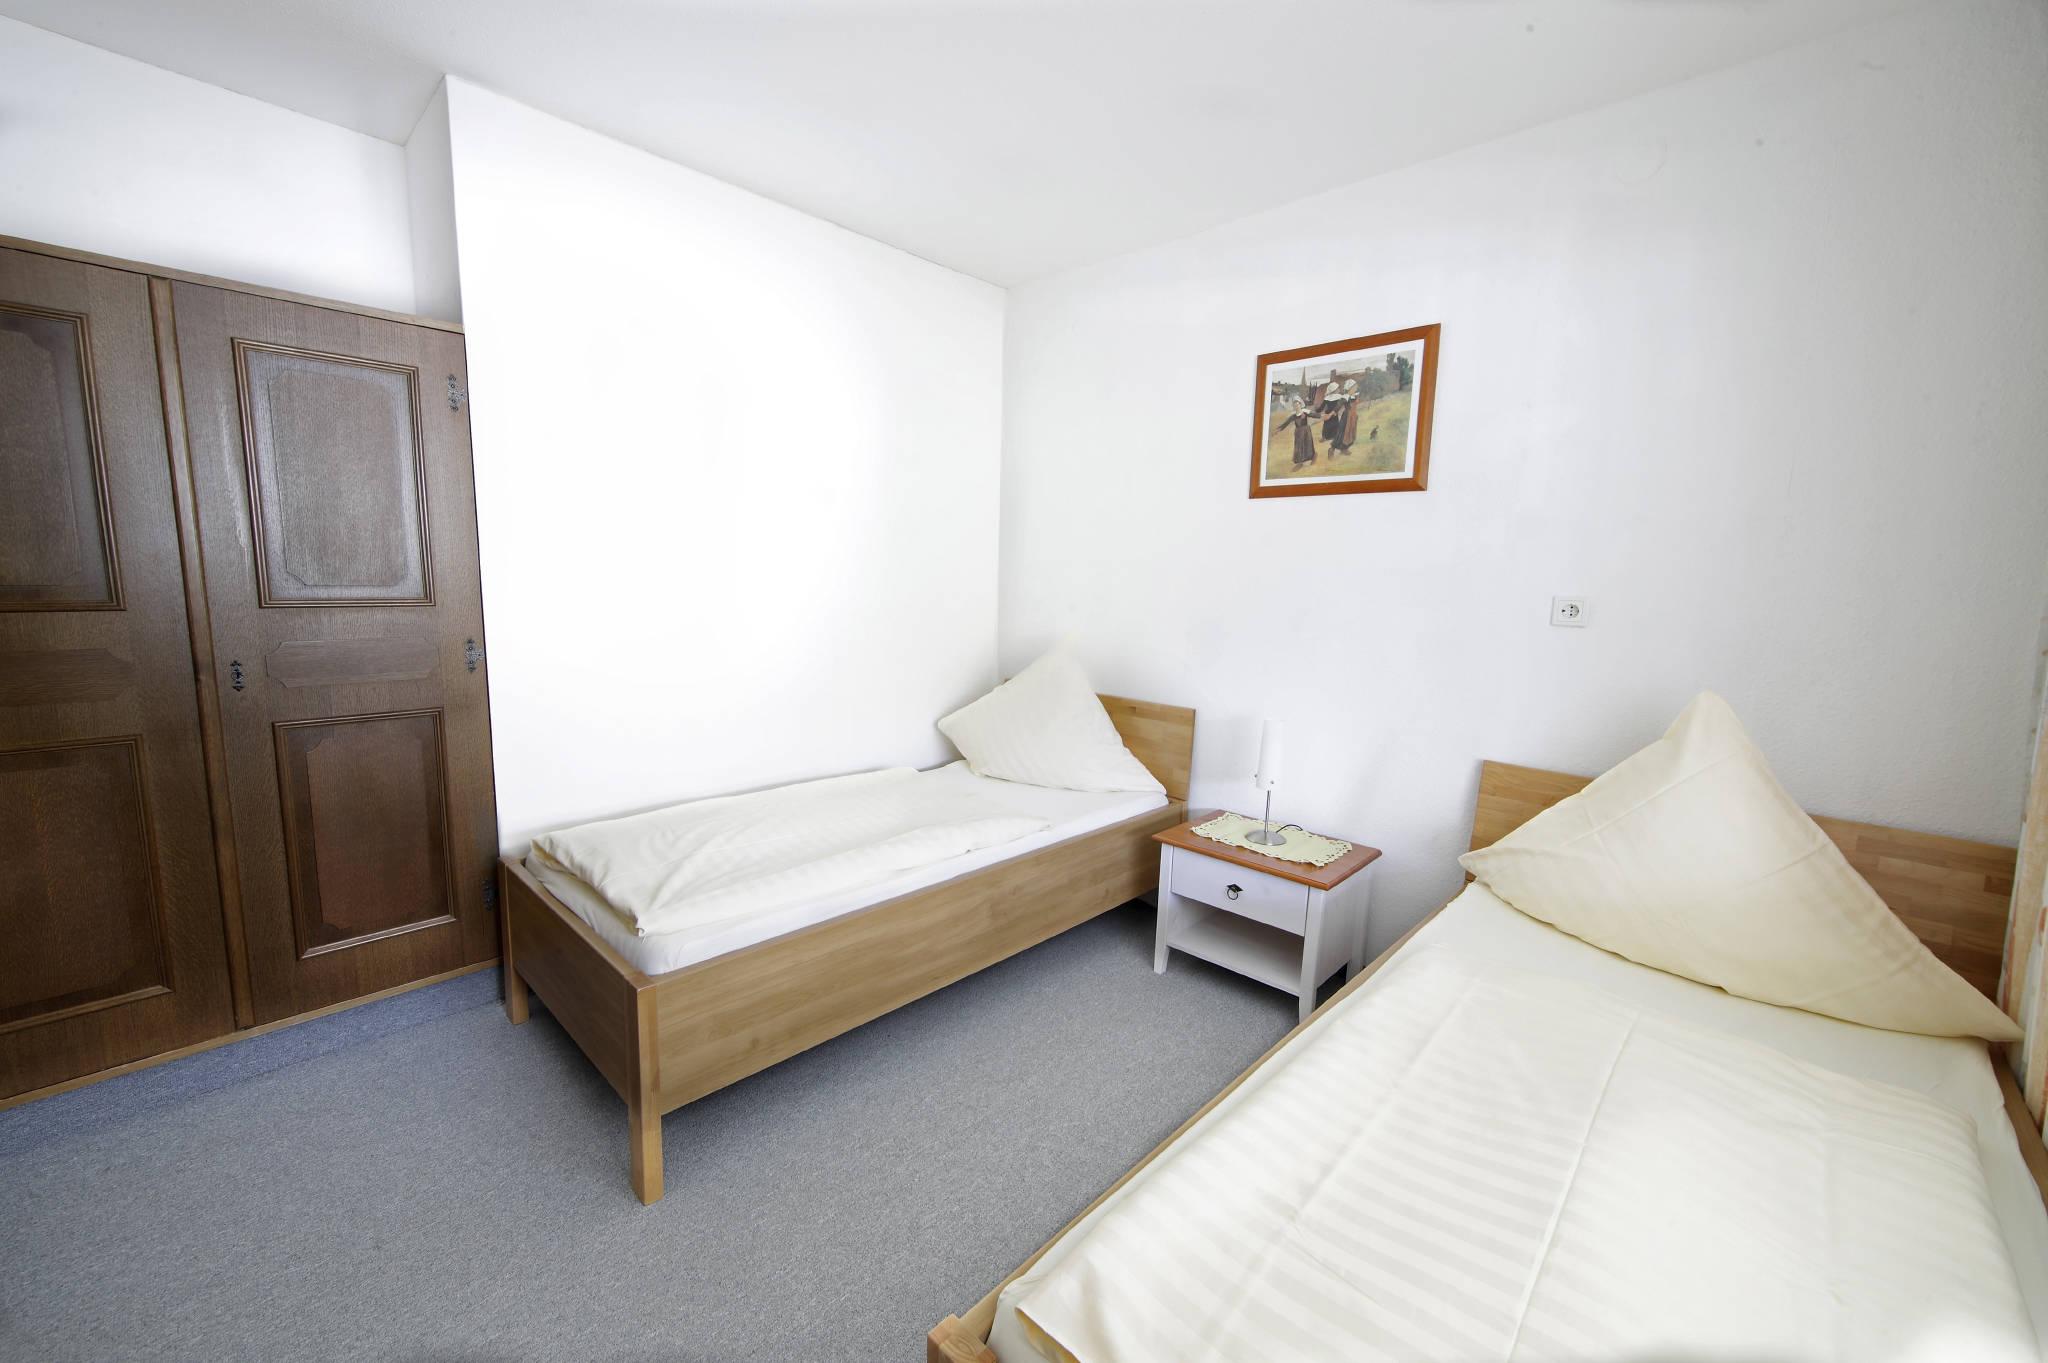 Schlafzimmer mit Boxspringbetten